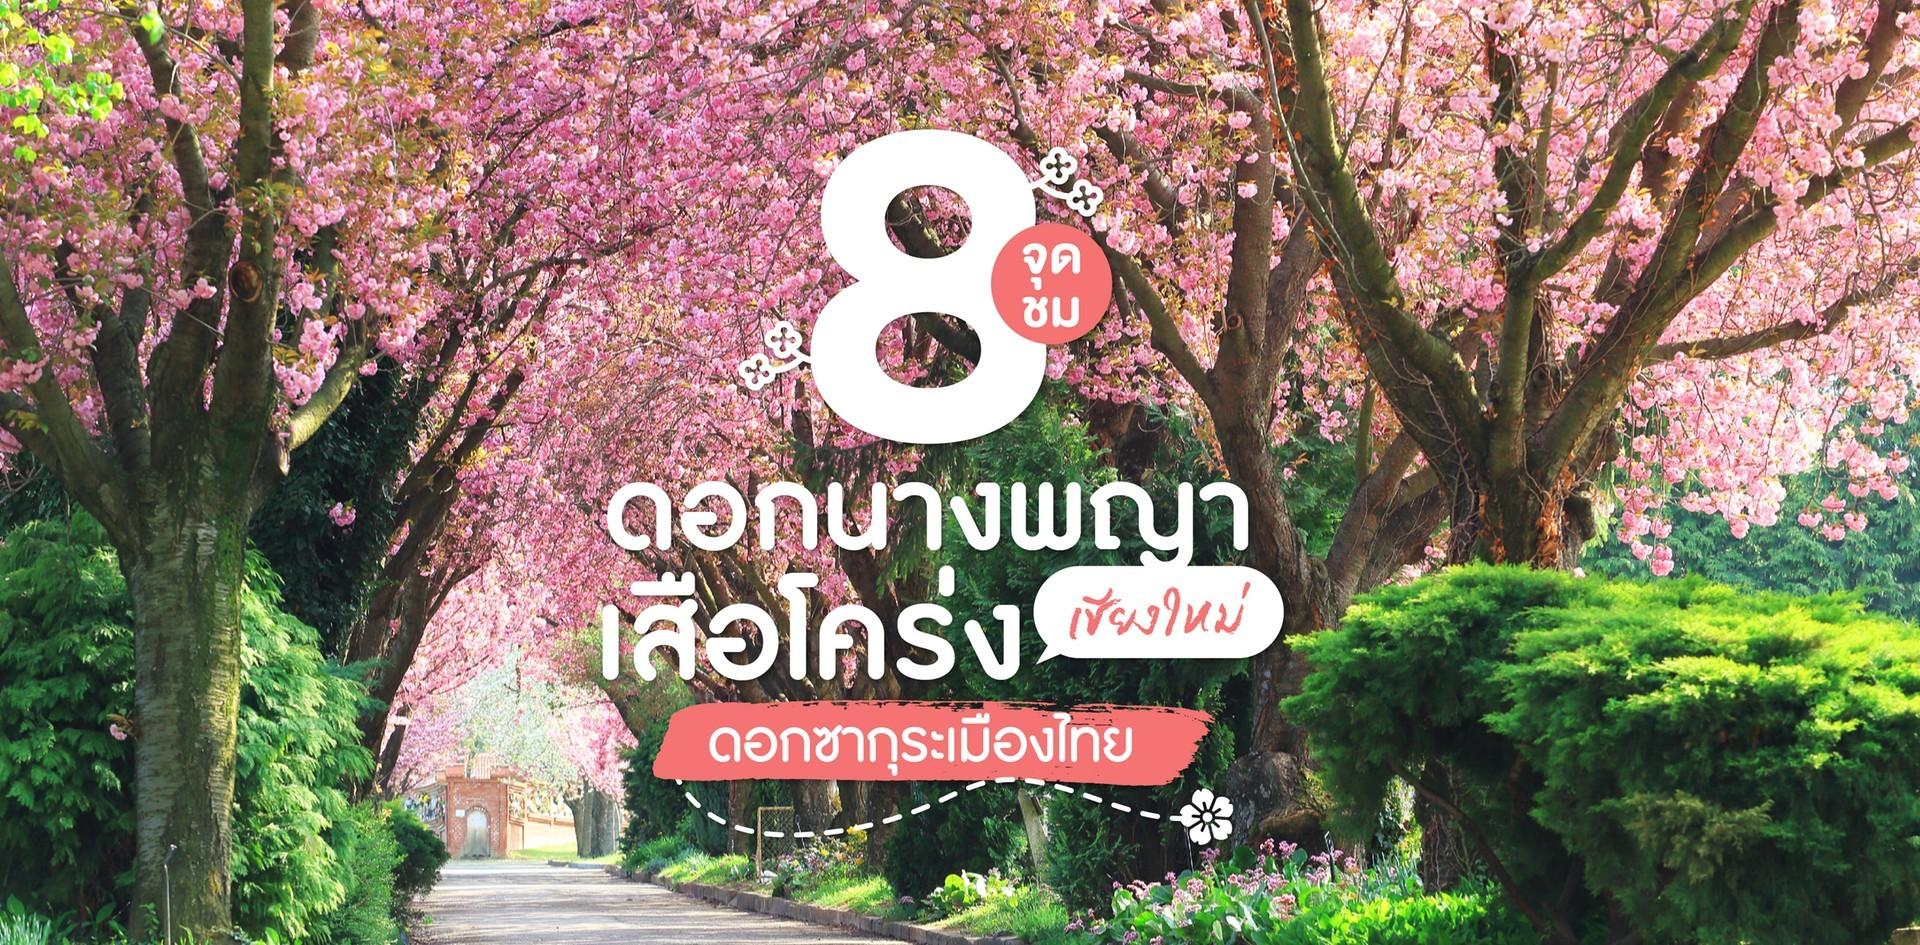 8 จุดชมดอกนางพญาเสือโคร่ง ที่เที่ยวเชียงใหม่ซากุระแห่งเมืองไทย ~